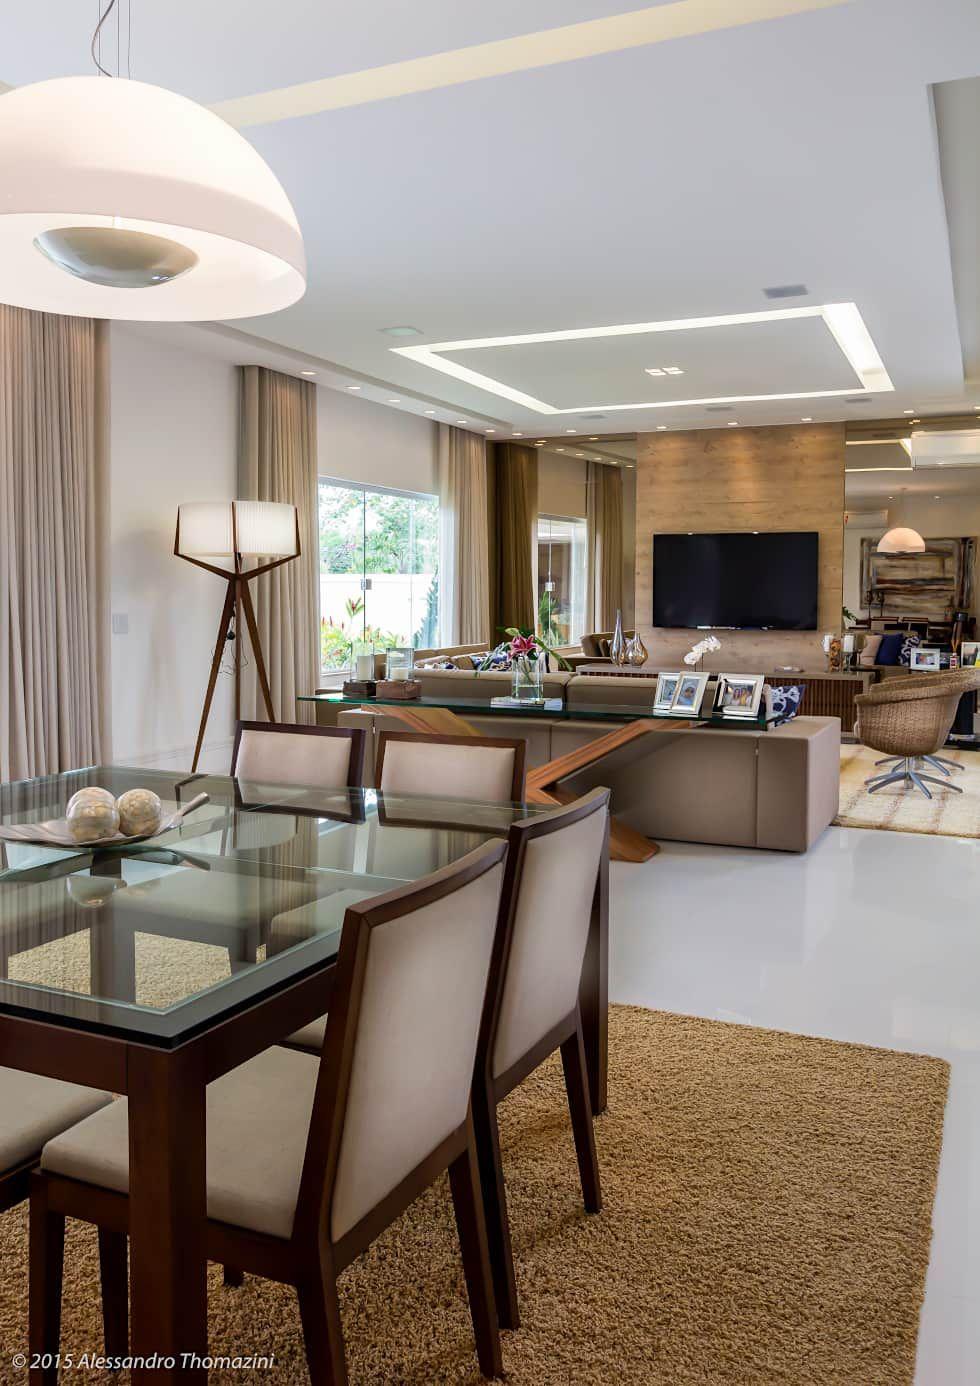 comedores de estilo por adriana leal interiores muebles On comedores de casas modernas